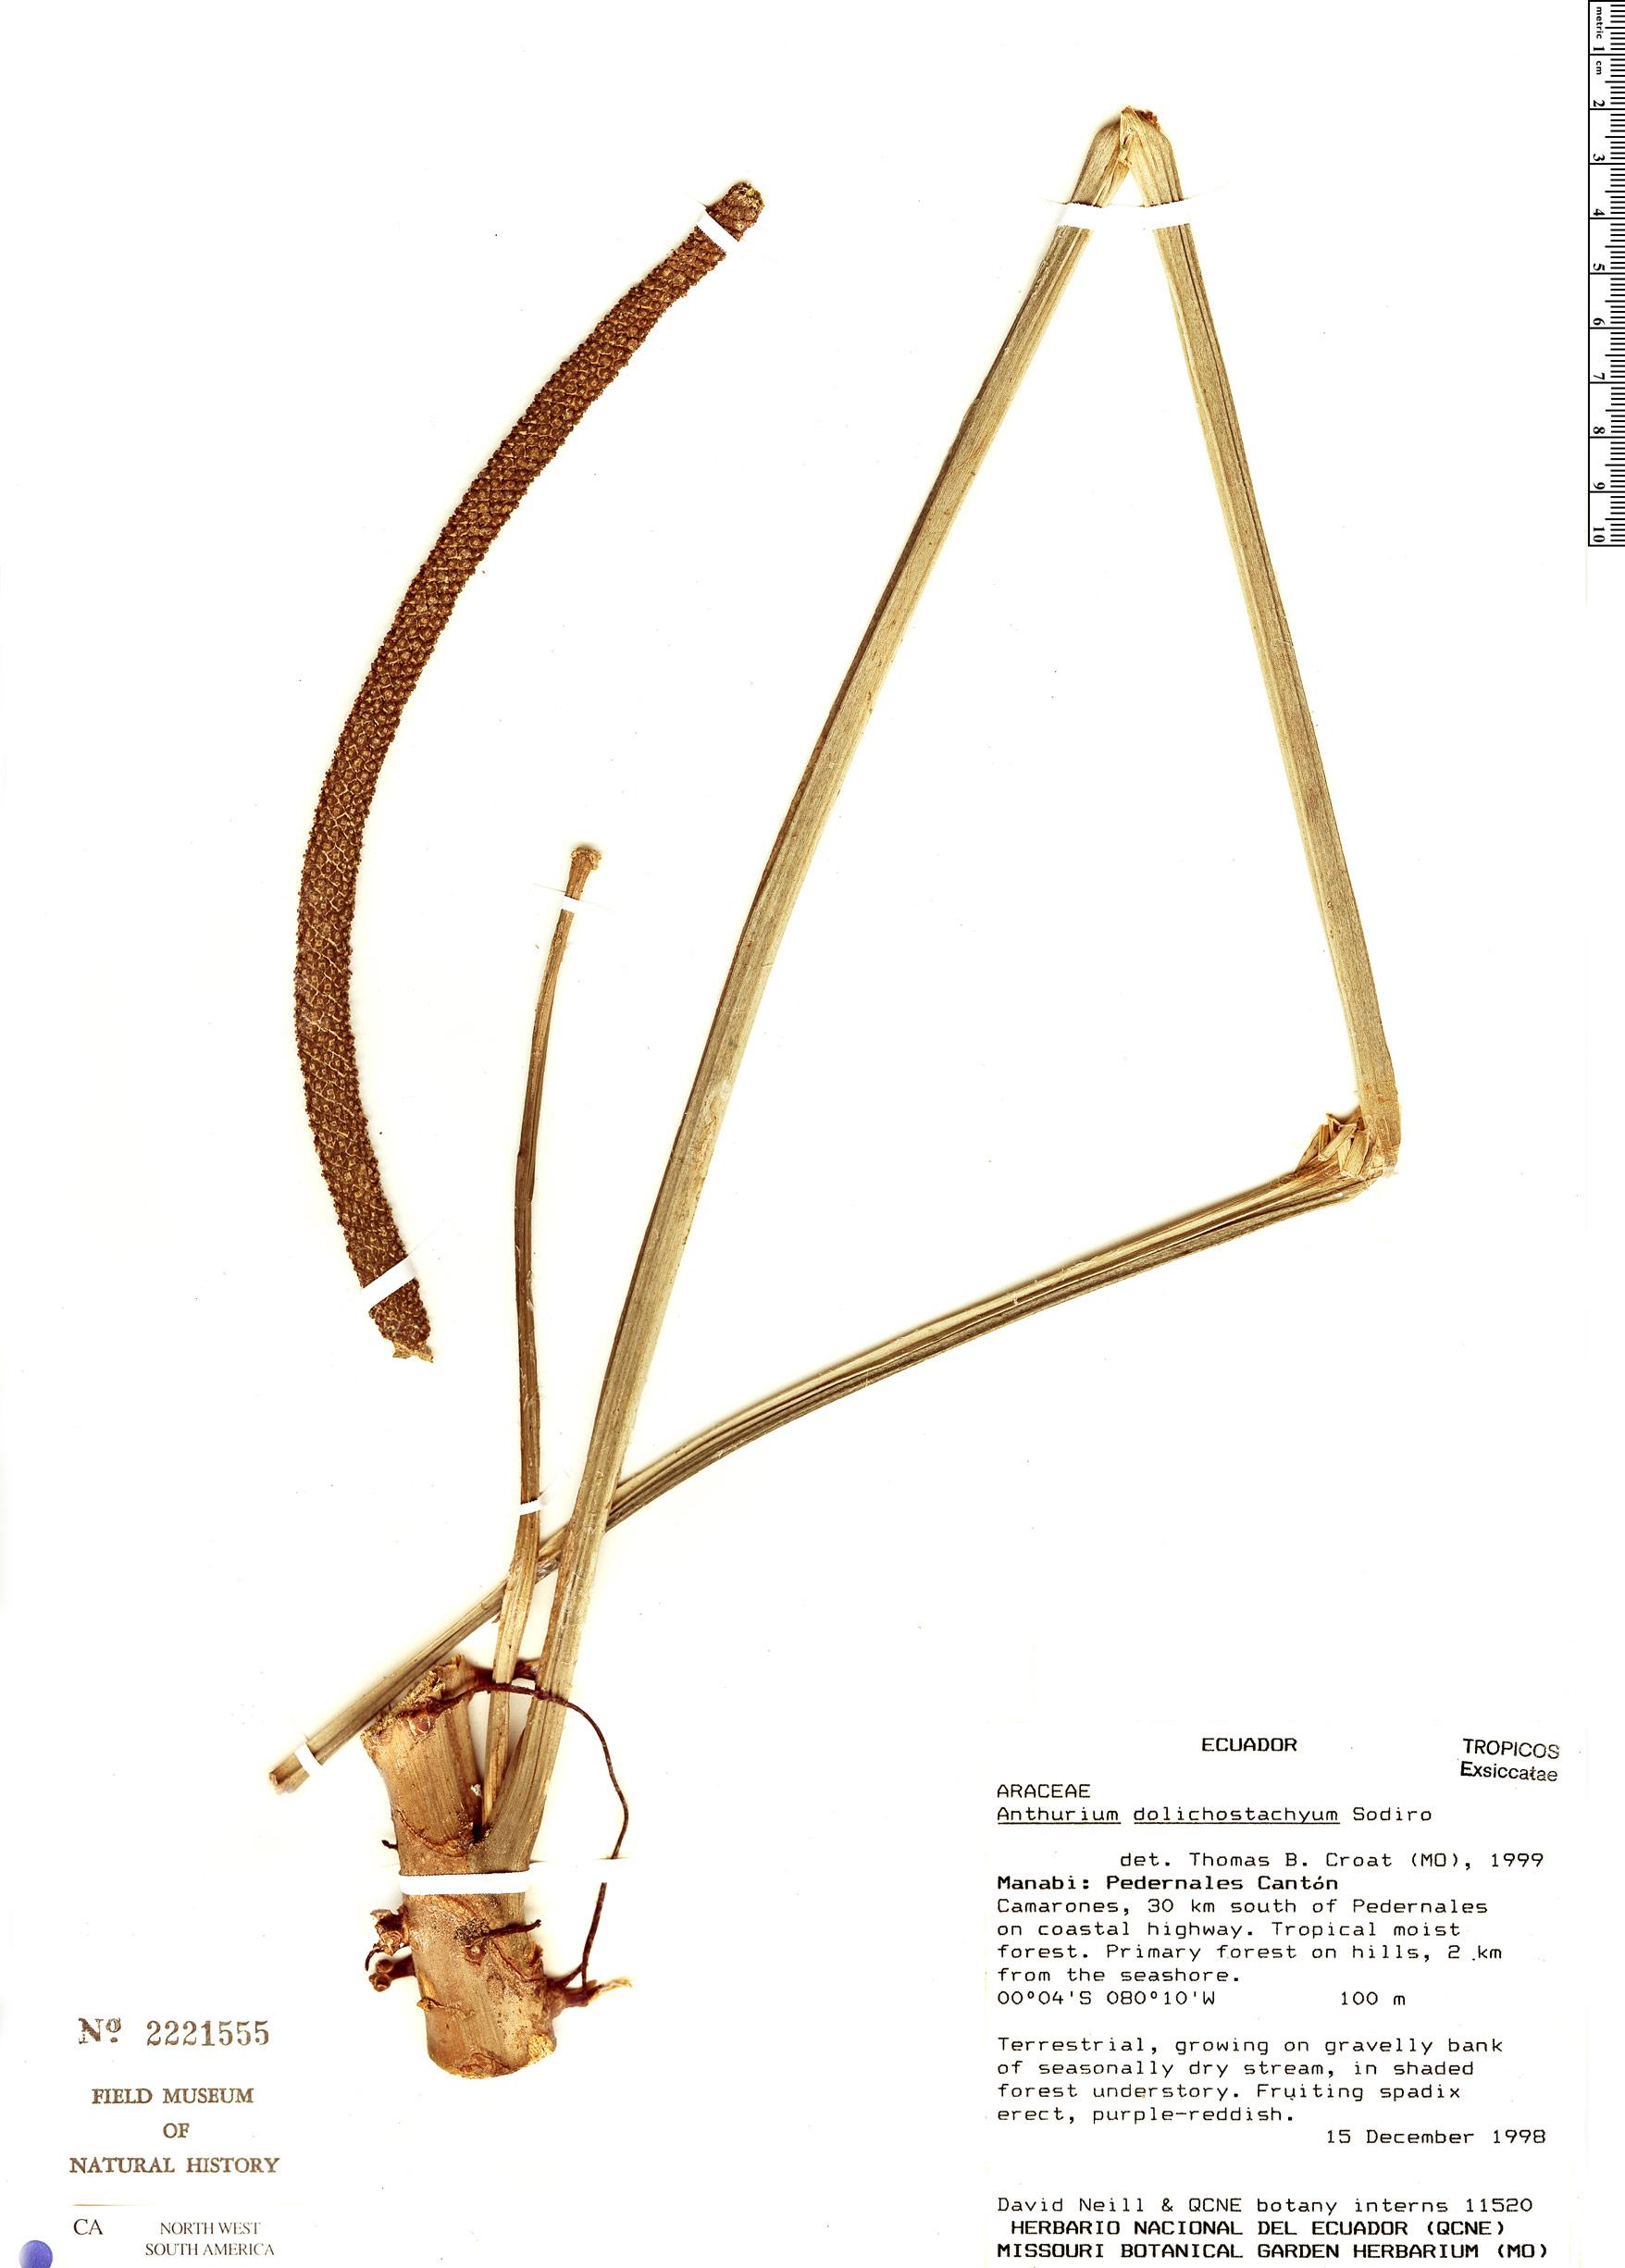 Specimen: Anthurium dolichostachyum